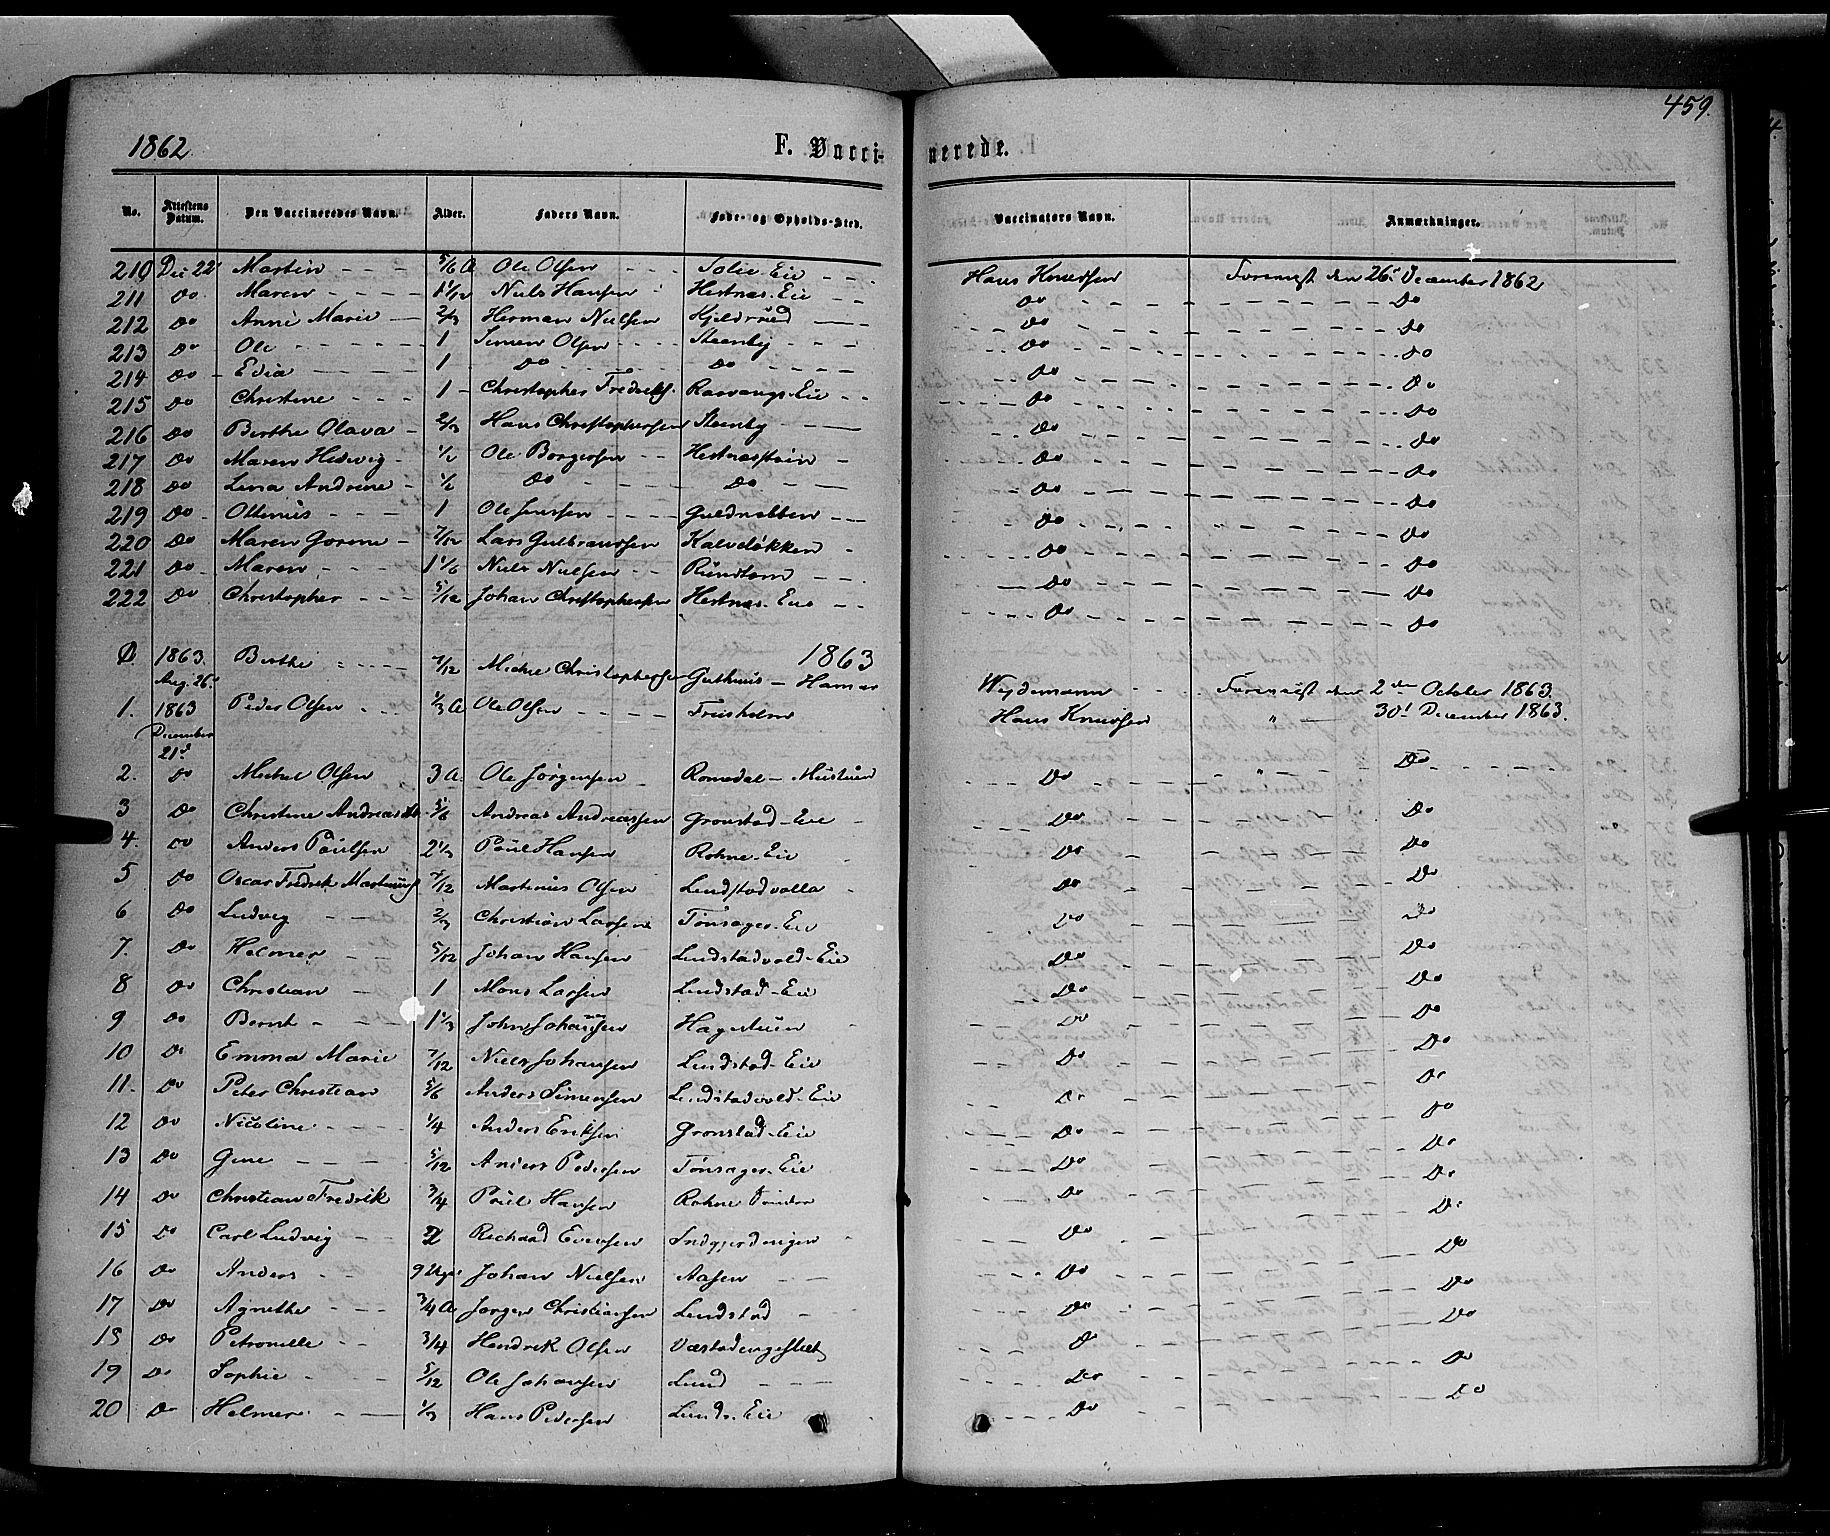 SAH, Stange prestekontor, K/L0013: Parish register (official) no. 13, 1862-1879, p. 459